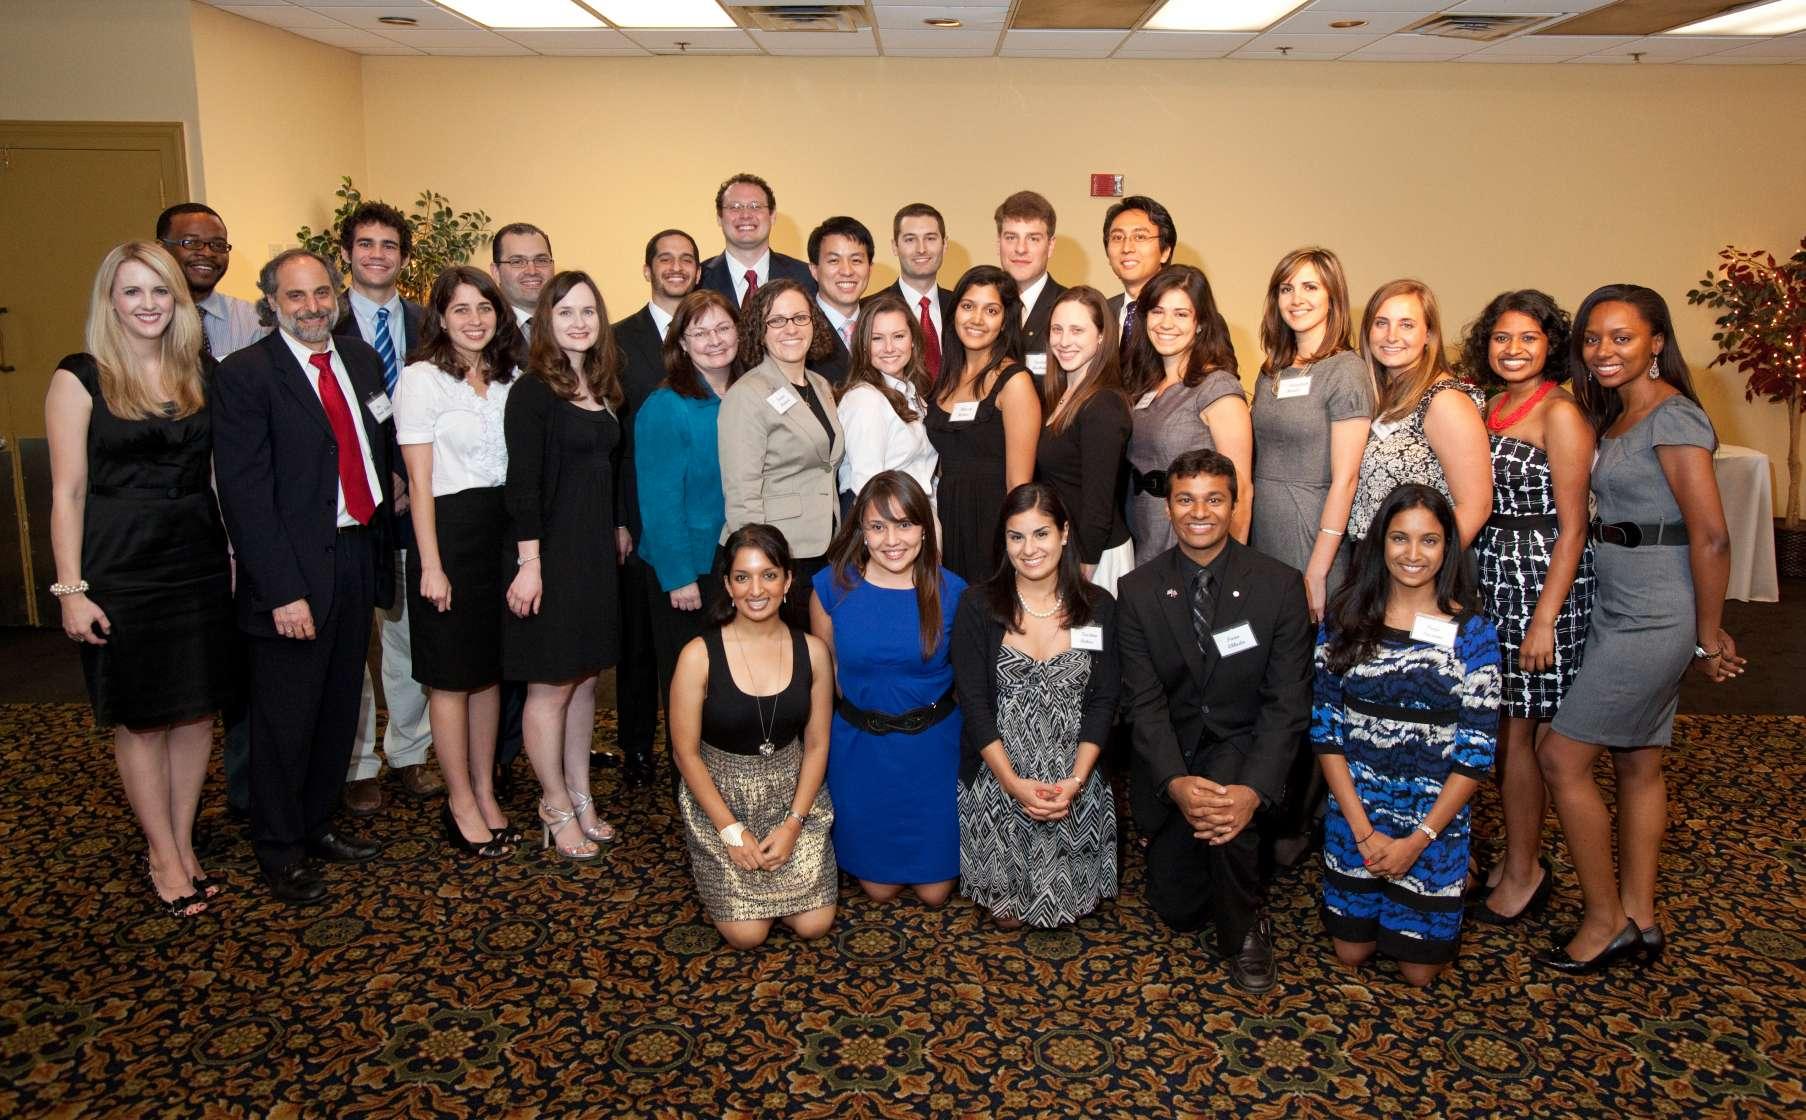 2011 Banquet attendees